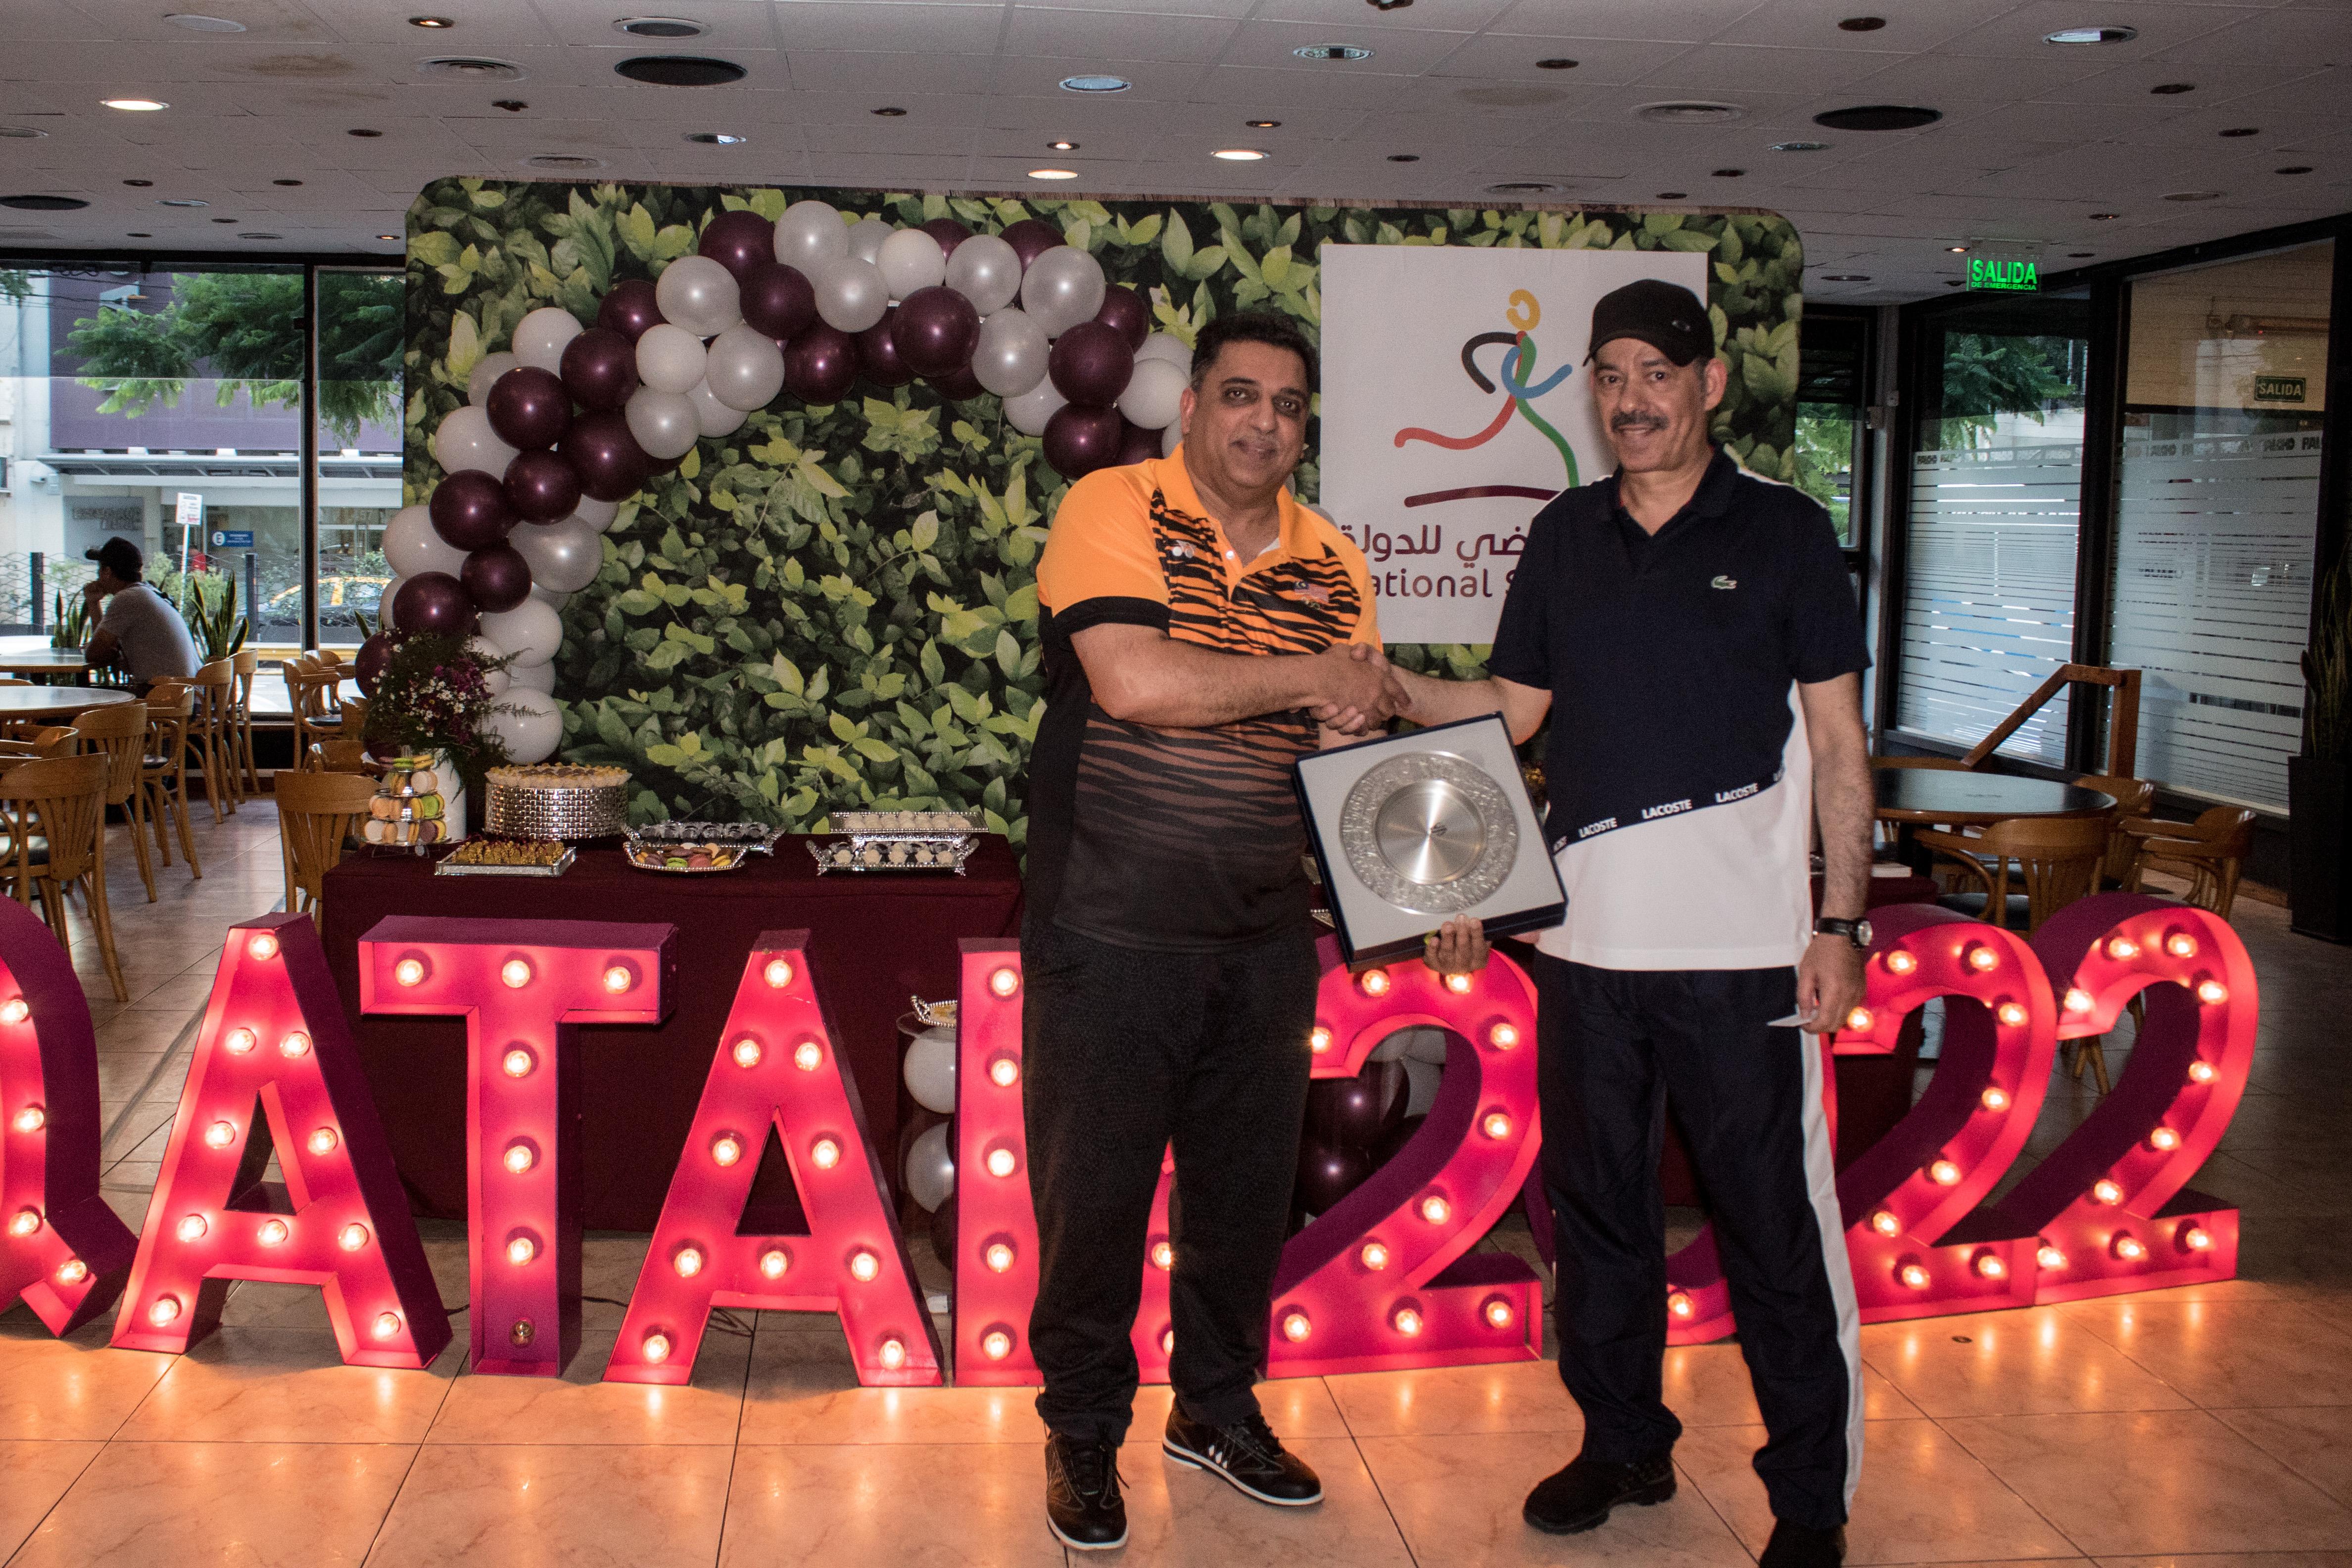 El embajador de Malasia, Mohd Khalid Abbasi Bin Abdul Razak, fue el ganador del torneo de bowling y recibió su premio de manos del embajador del Estado de Qatar, S.E. Battal M. Al Dosari /// Fotos: Gentileza embajada del Estado de Qatar en la Argentina